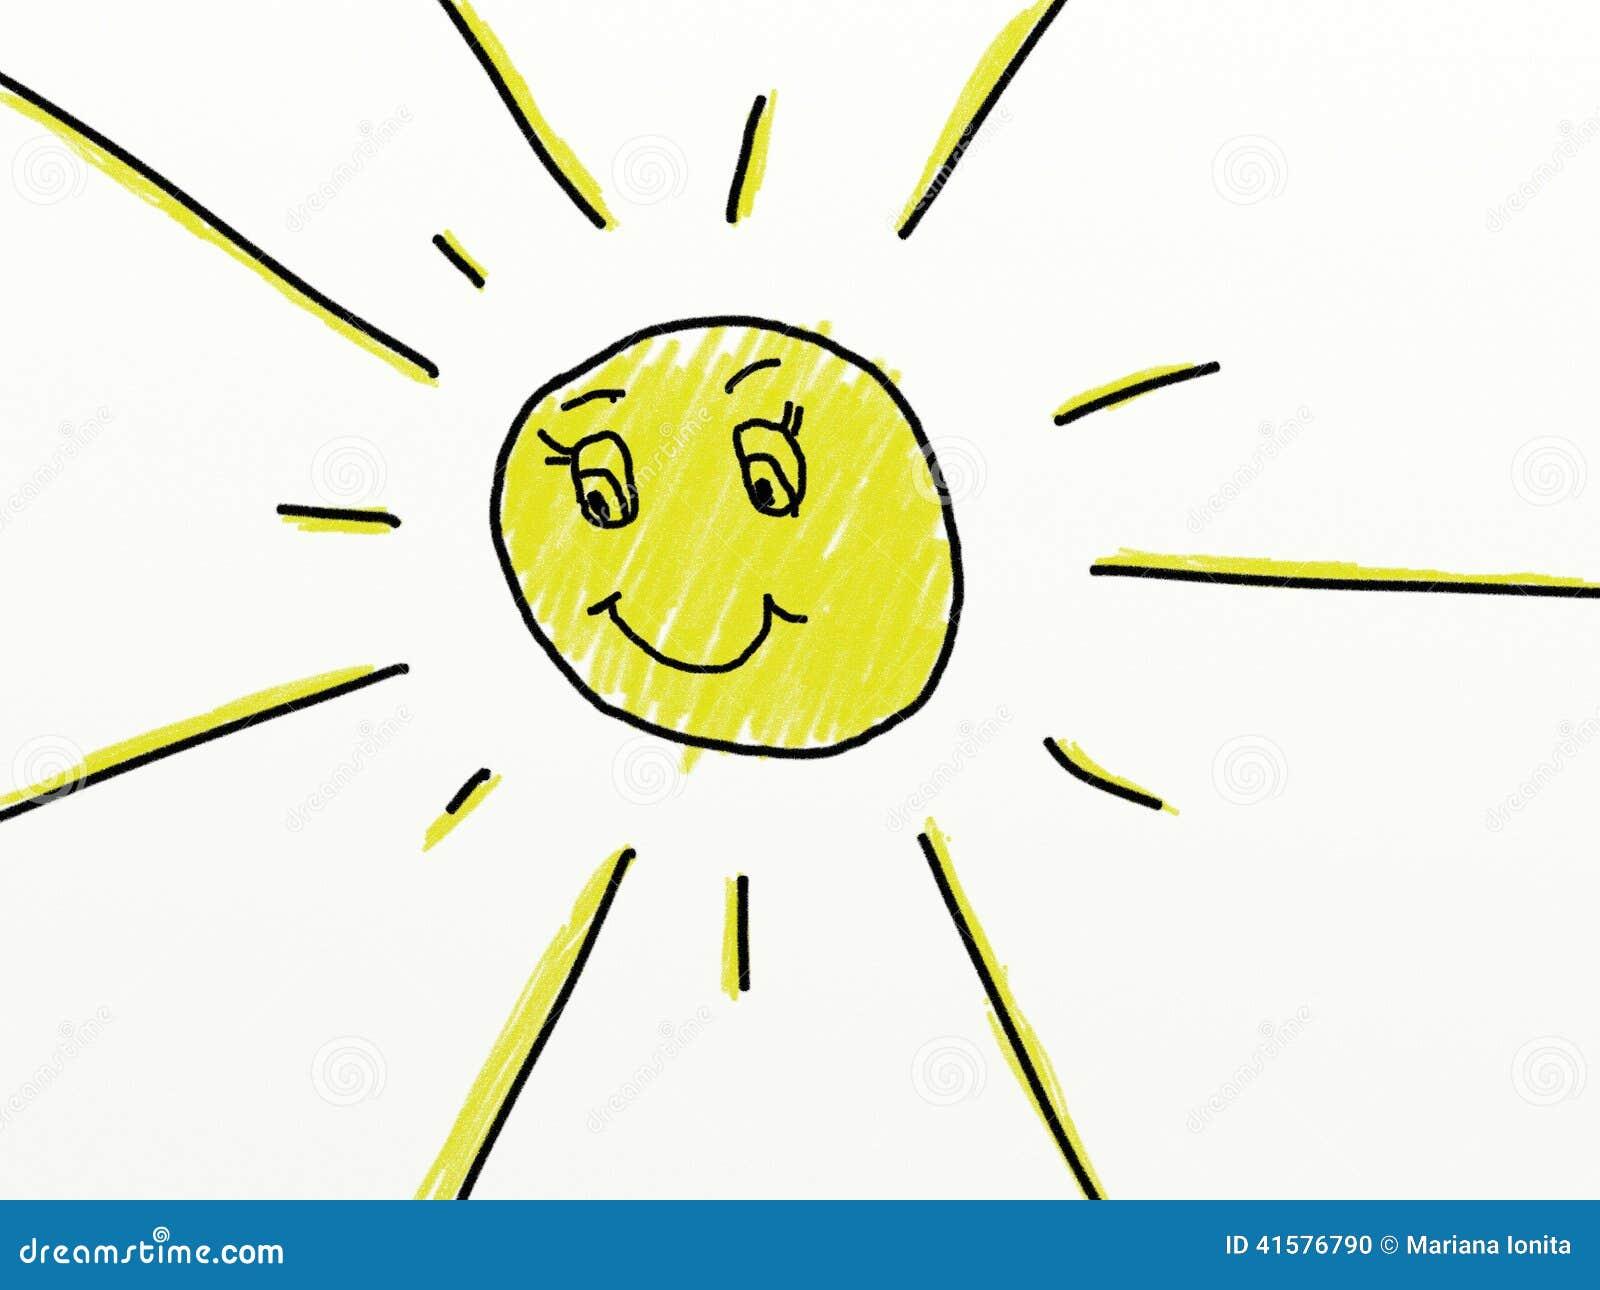 L 39 enfant aiment le dessin d 39 un soleil illustration stock - Dessin du soleil ...